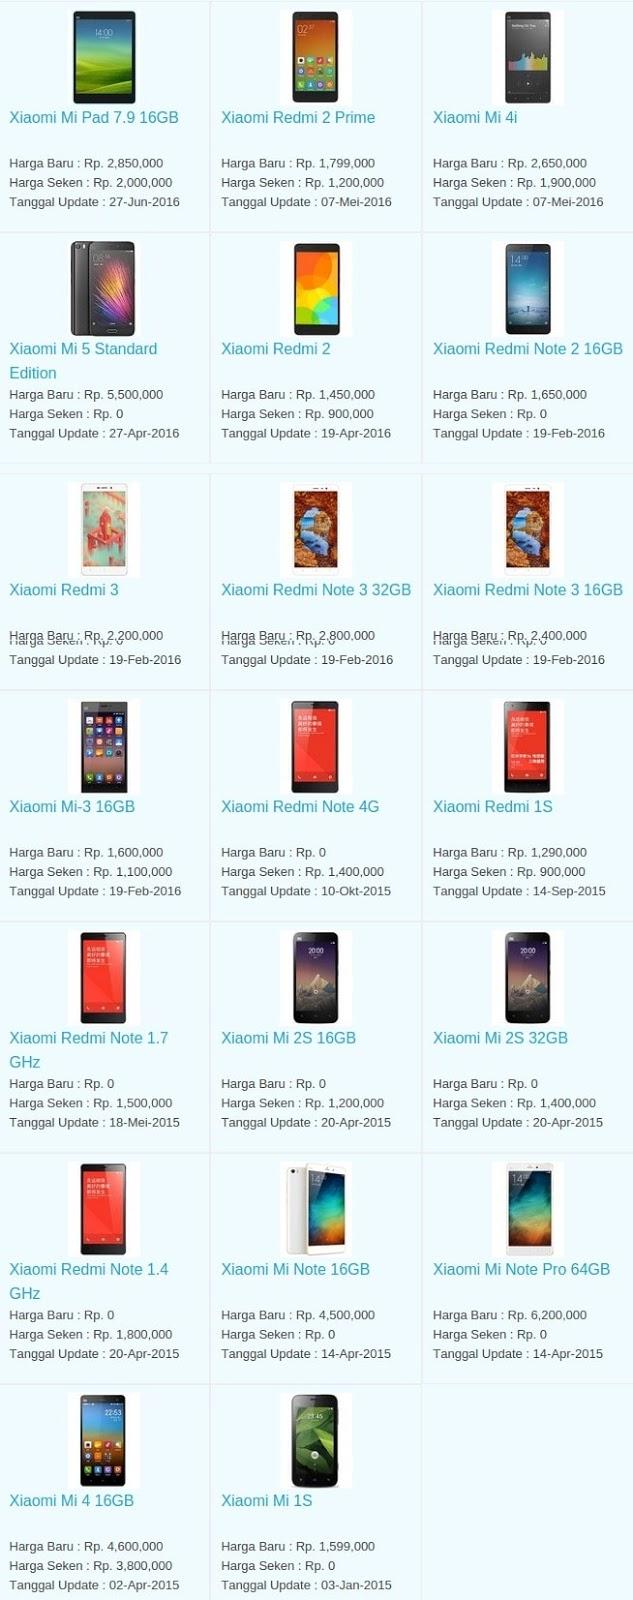 Daftar Harga Hp Terbaru Xiaomi Juli 2016